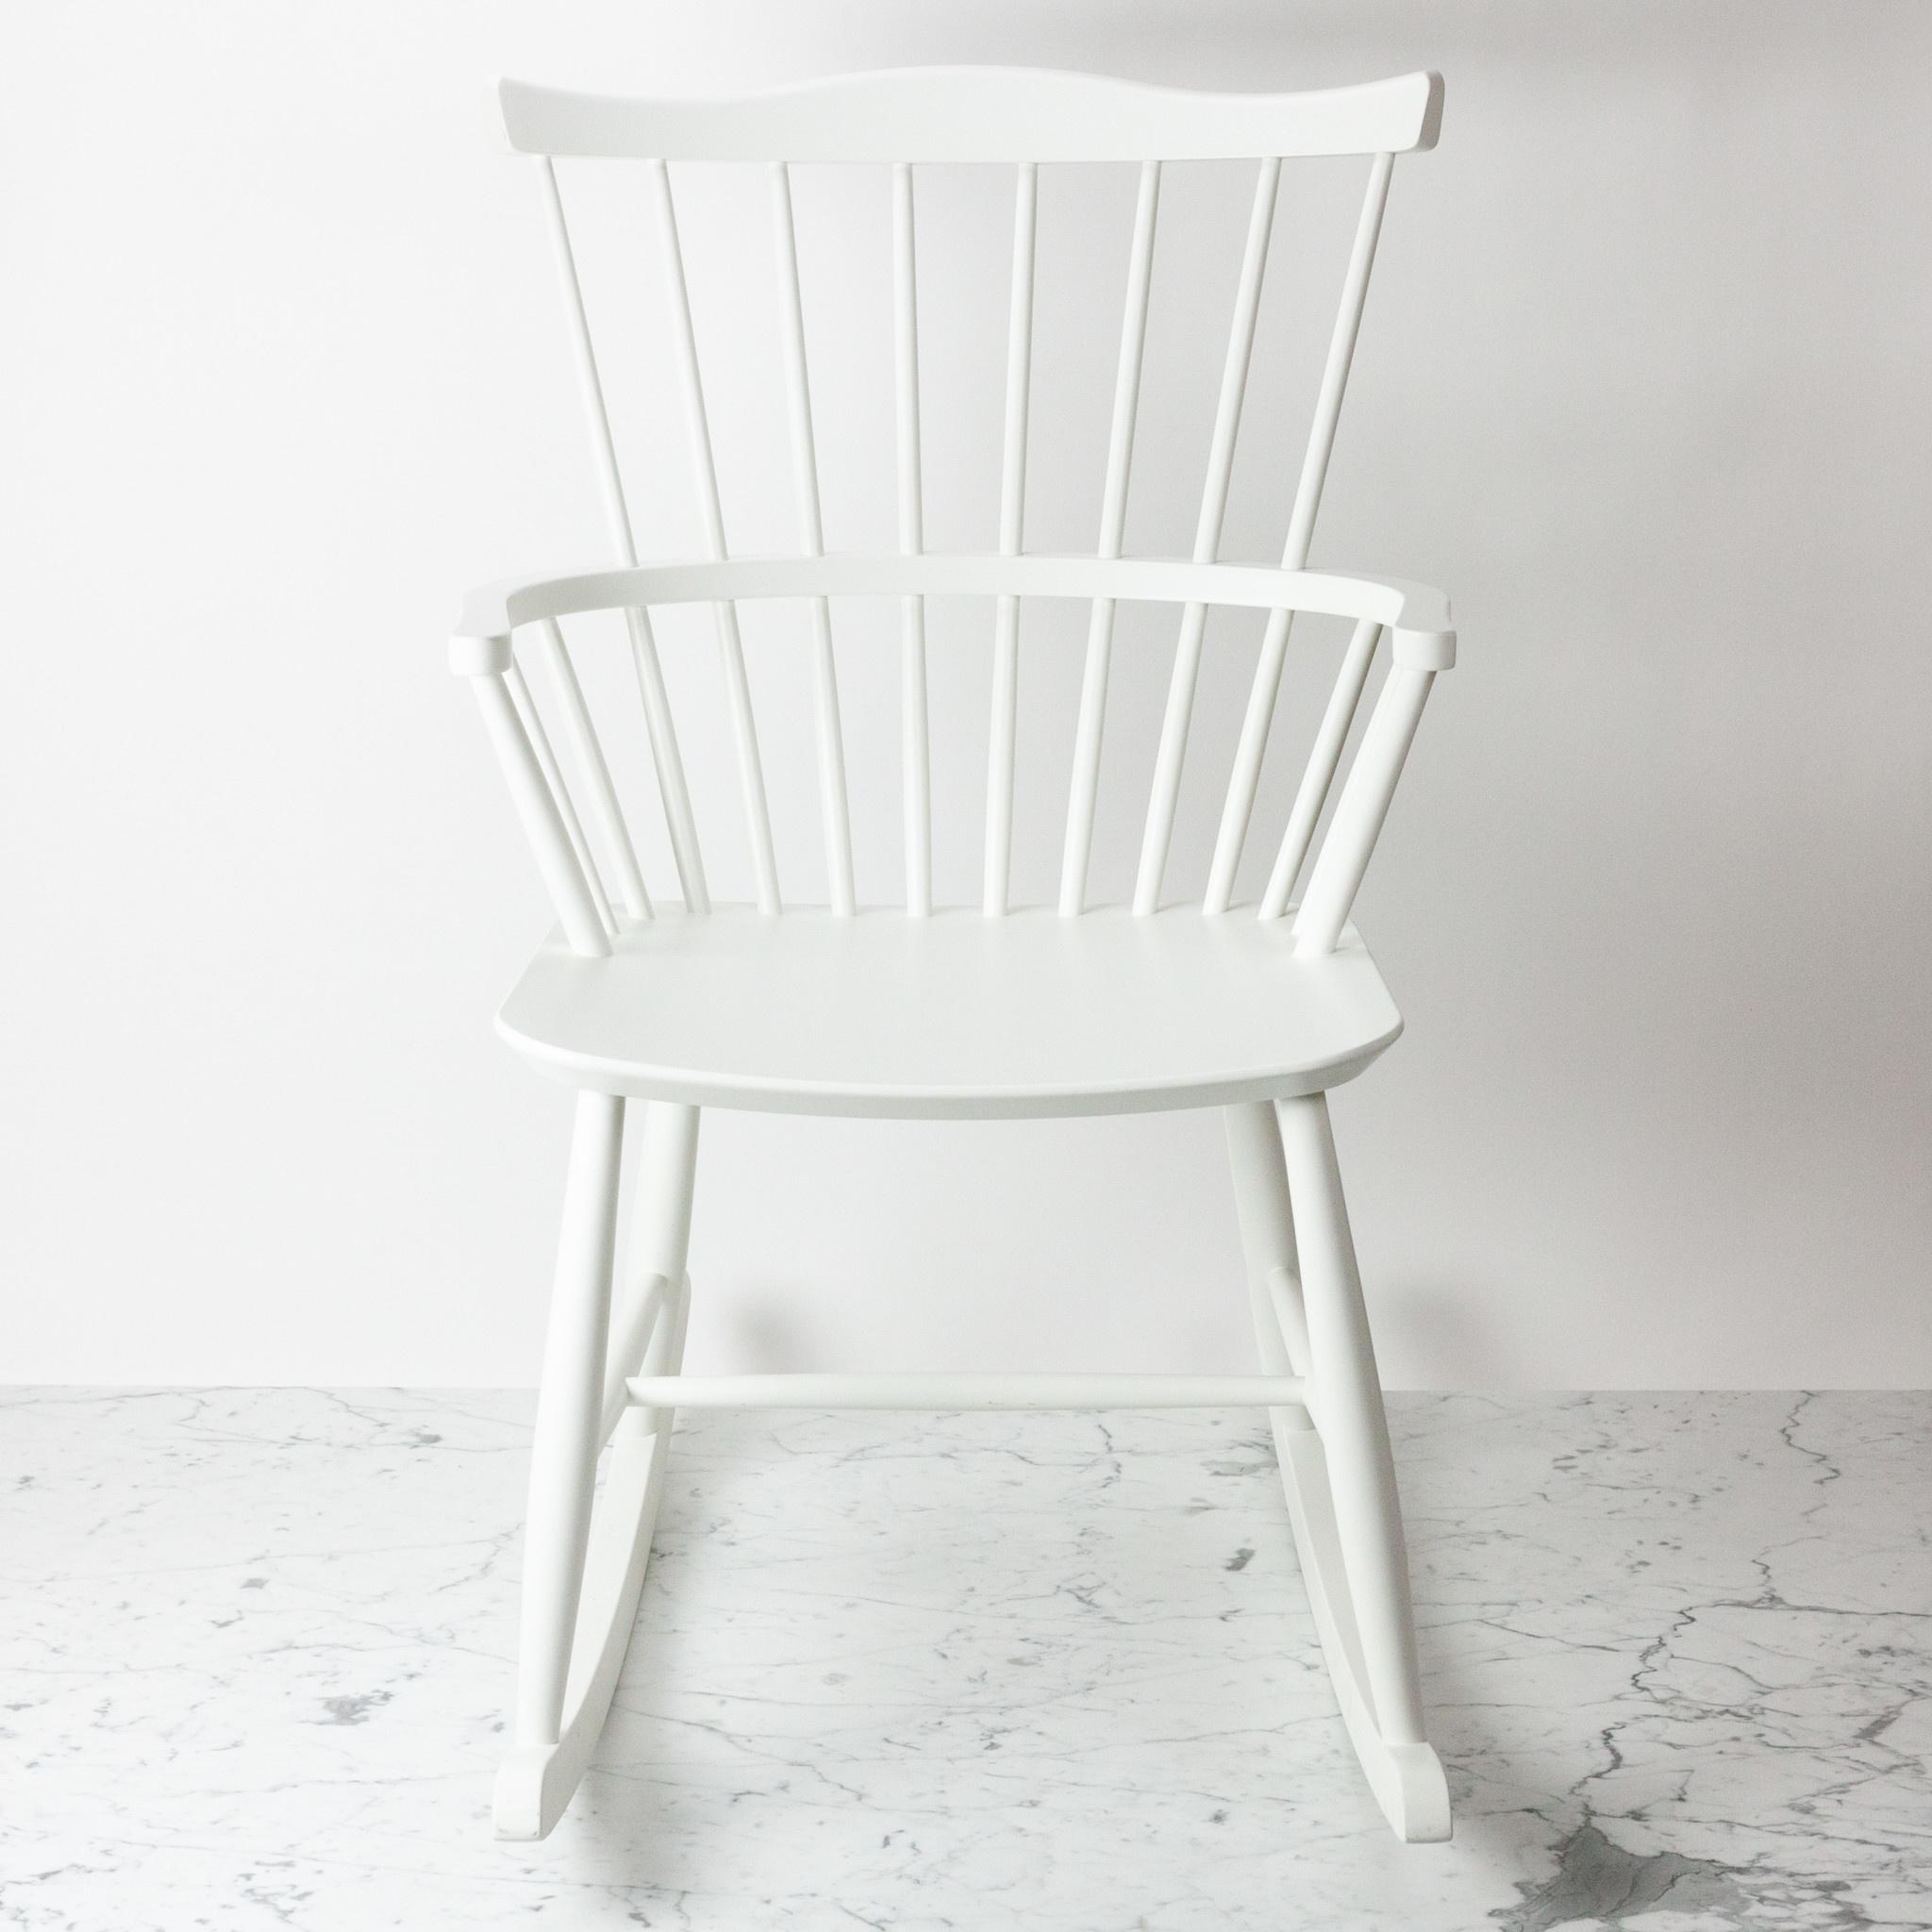 FDB Mobler FLOOR SAMPLE - FDB Mobler Rocking Chair - White Beech